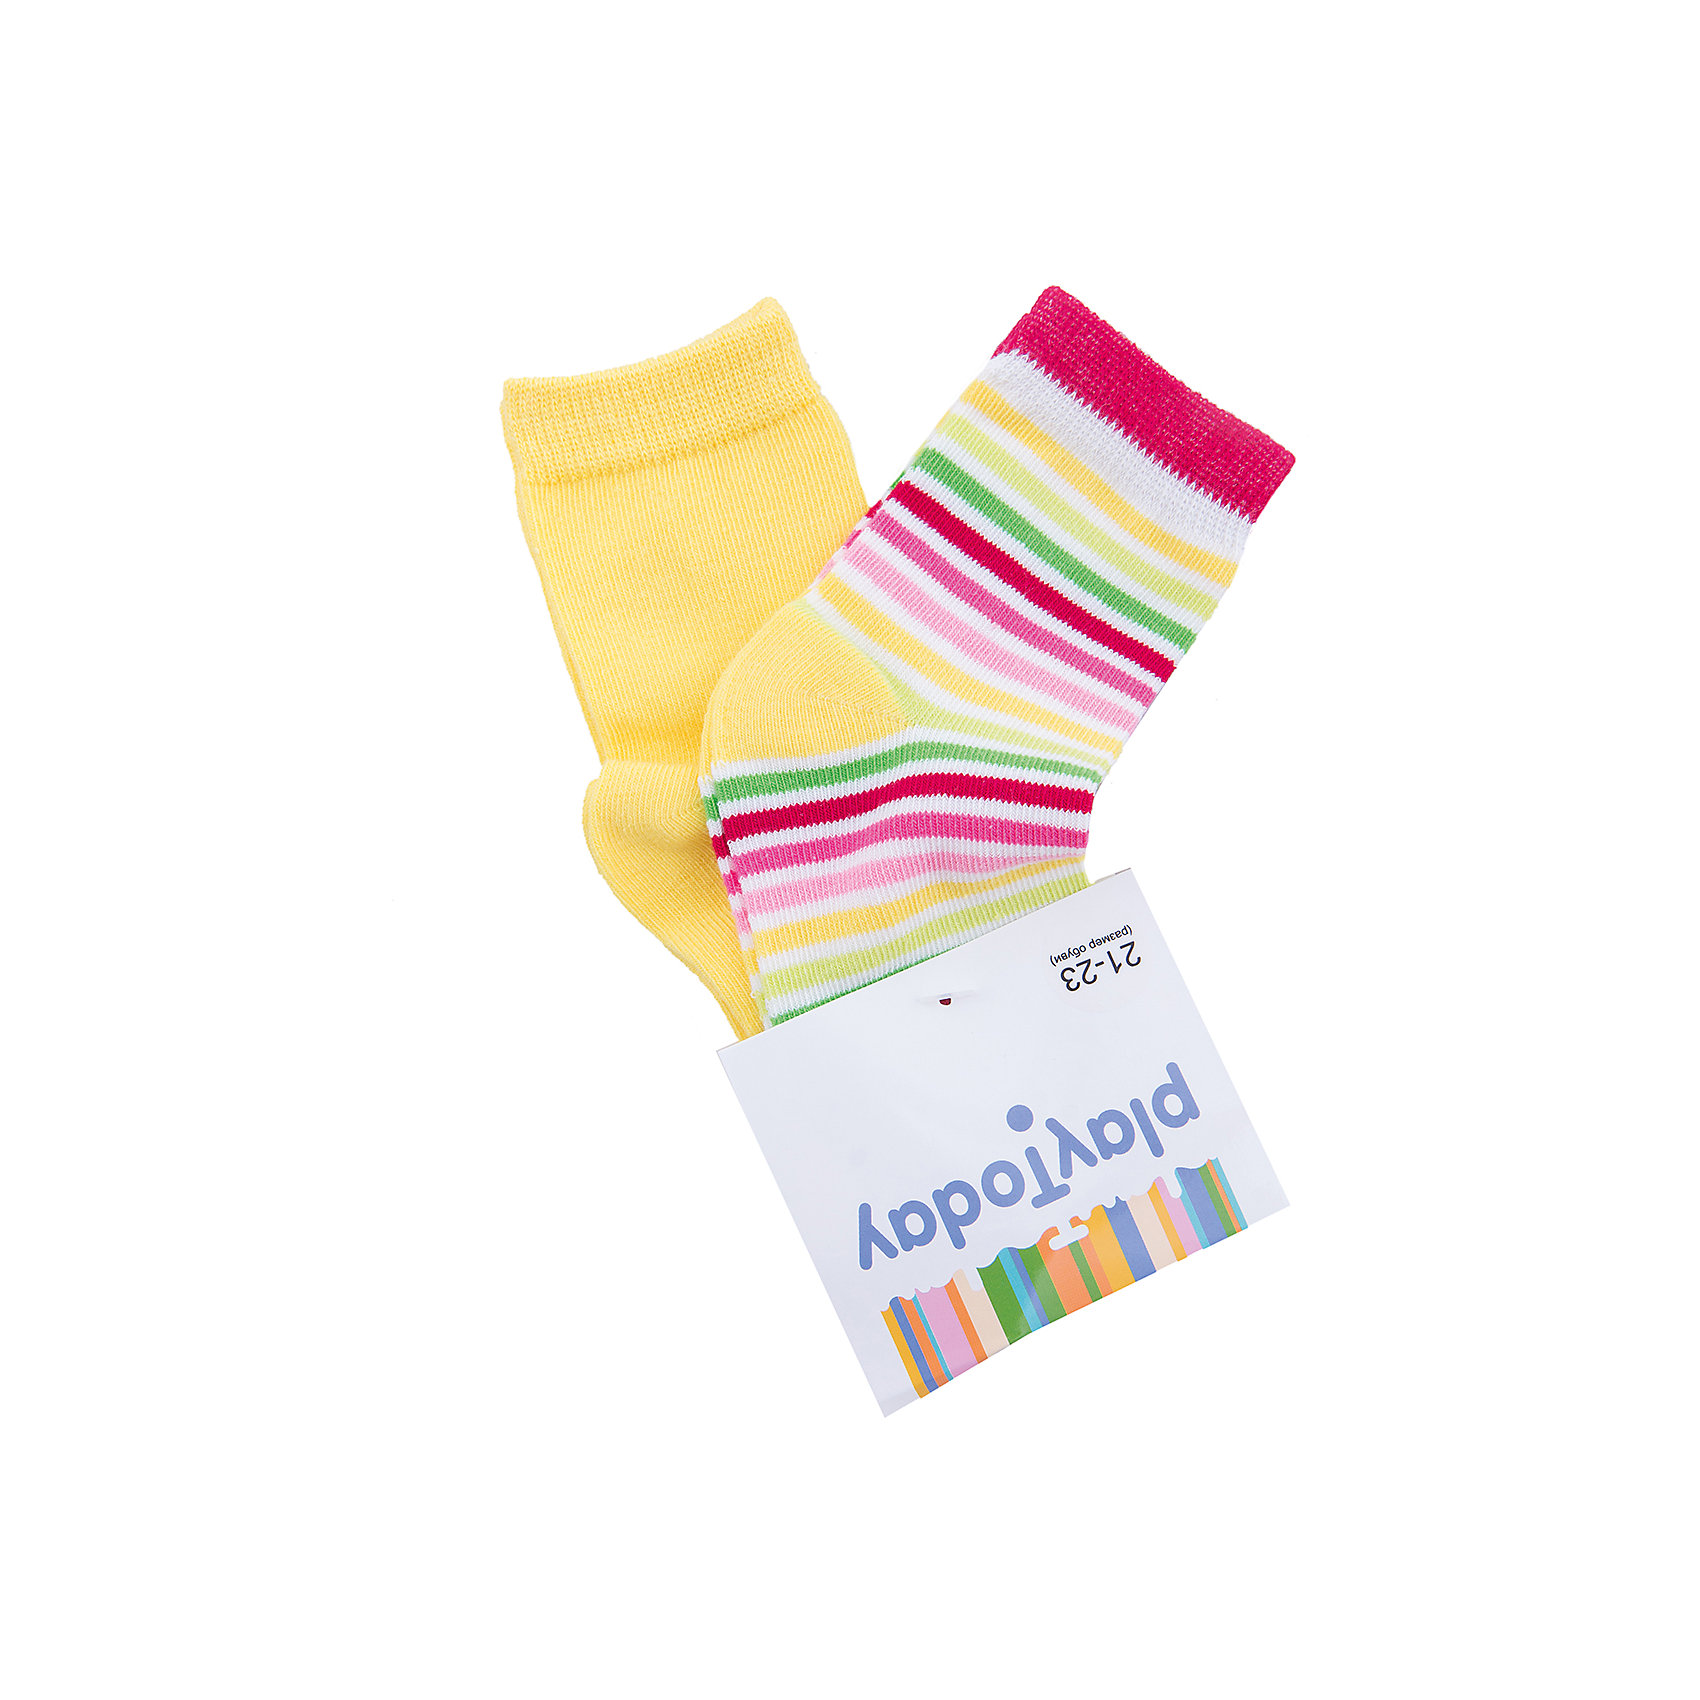 Носки для девочки PlayTodayНоски<br>Носки для девочки PlayToday<br>Носки очень мягкие, из качественных материалов, приятны к телу и не сковывают движений. Хорошо пропускают воздух, тем самым позволяя коже дышать.  Даже частые стирки, при условии соблюдений рекомендаций по уходу, не изменят ни форму, ни цвет изделий.Преимущества: Мягкие, выполненные из натуральных материалов, приятны к телу, не сковывают движенийХорошо пропускают воздух, позволяя тем самым коже дышатьДаже частые стирки, при условии соблюдений рекомендаций по уходу, не изменят ни форму, ни цвет изделия<br>Состав:<br>75% хлопок, 22% нейлон, 3% эластан<br><br>Ширина мм: 87<br>Глубина мм: 10<br>Высота мм: 105<br>Вес г: 115<br>Цвет: белый<br>Возраст от месяцев: 84<br>Возраст до месяцев: 96<br>Пол: Женский<br>Возраст: Детский<br>Размер: 18,14,16<br>SKU: 5404541